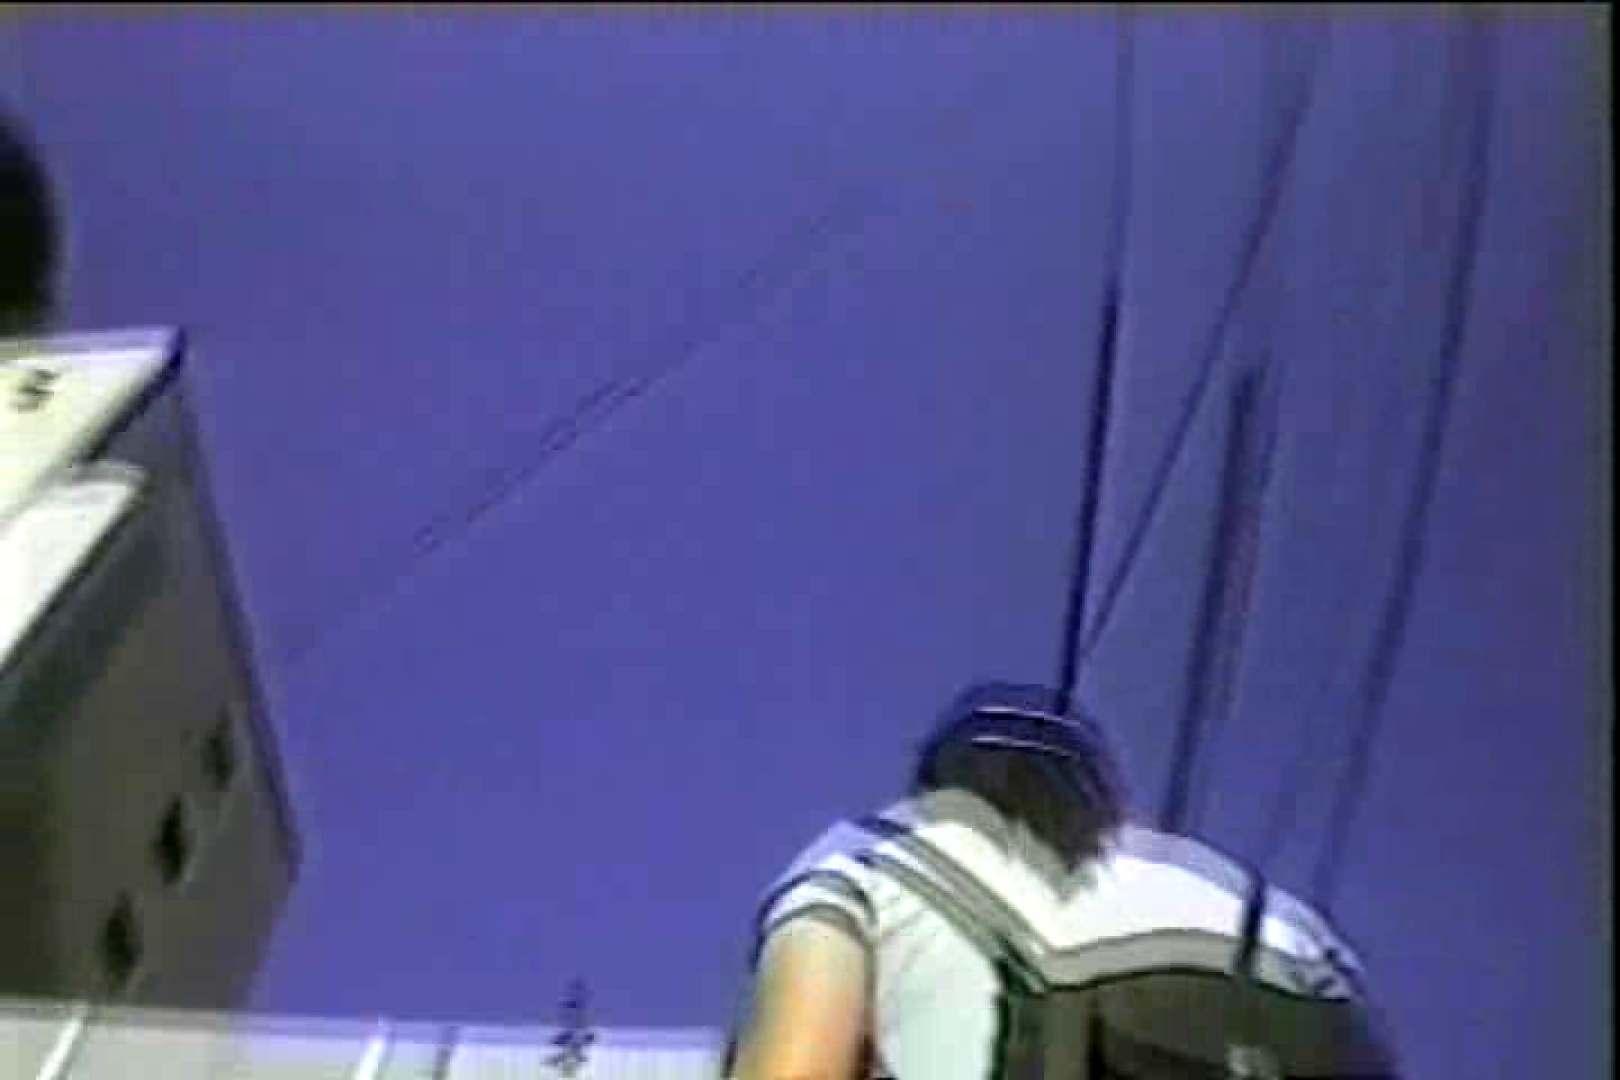 関西発!タツヤのDV直撮り大追跡Vol.1 美しいOLの裸体  78pic 66